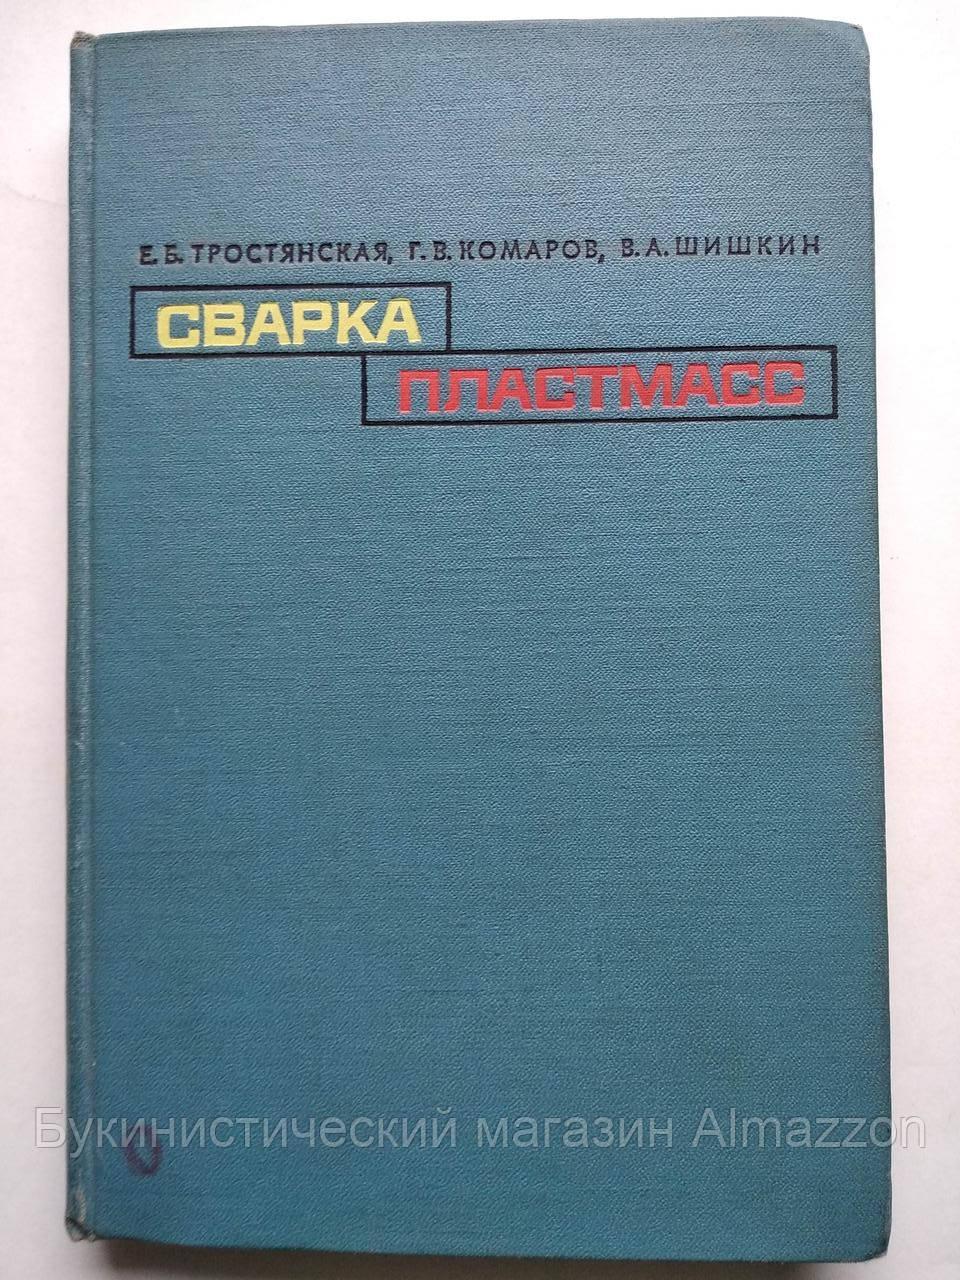 Сварка пластмасс Е.Б.Тростянская